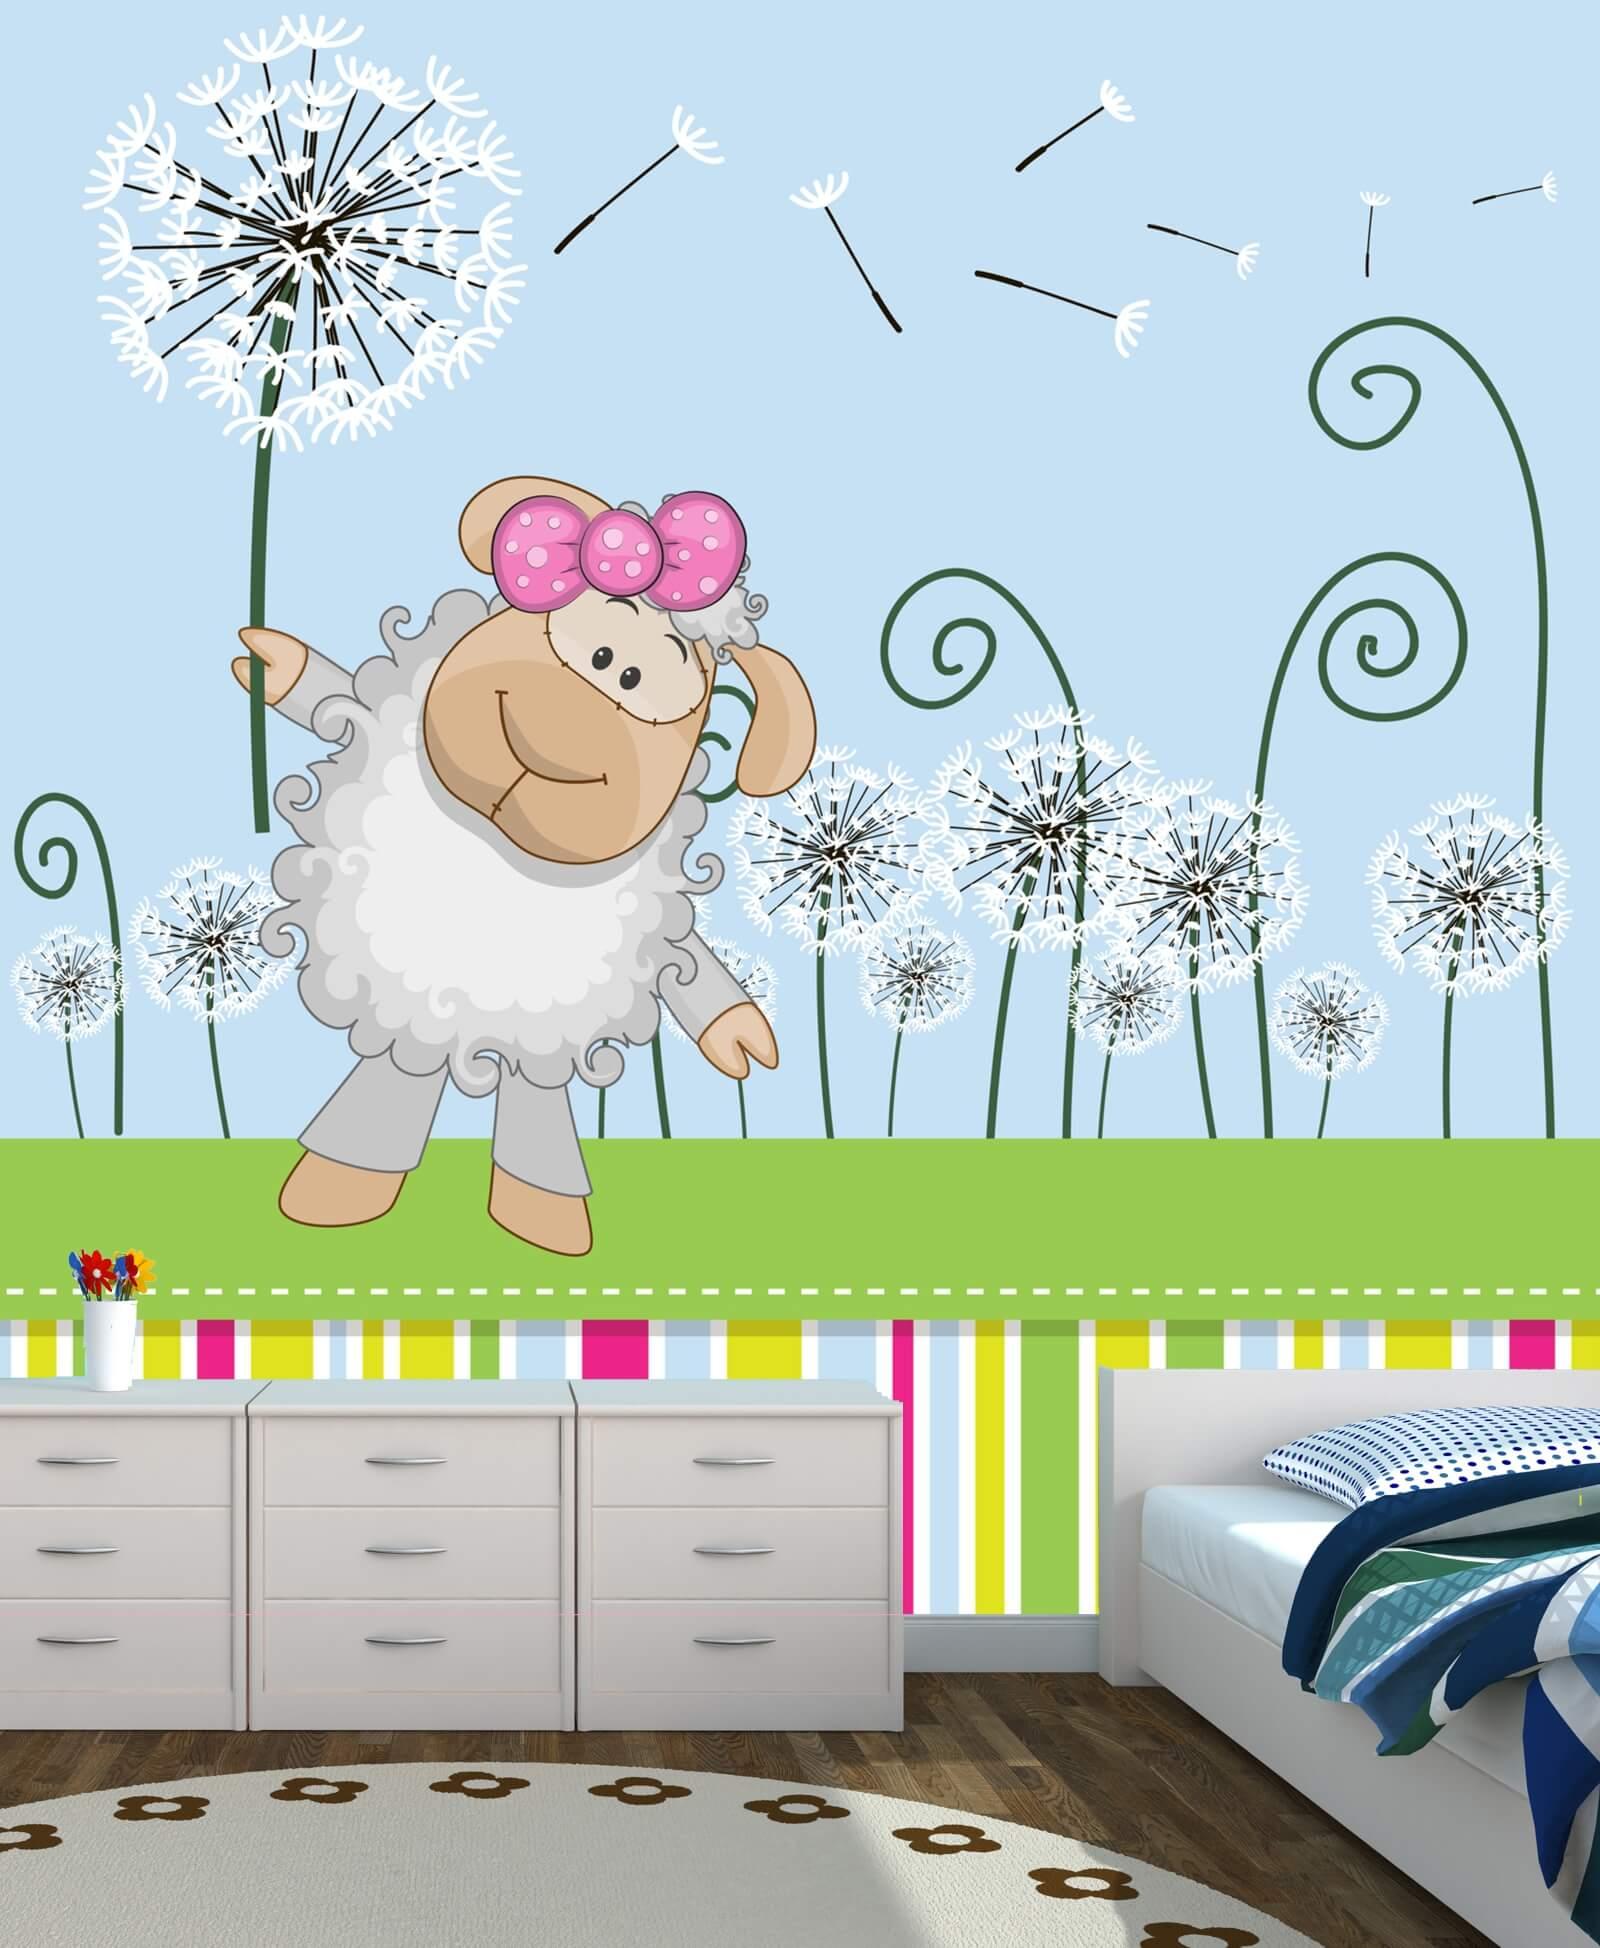 Vlies Tapete Poster Fototapete Kinderzimmer Schaf rosa cute